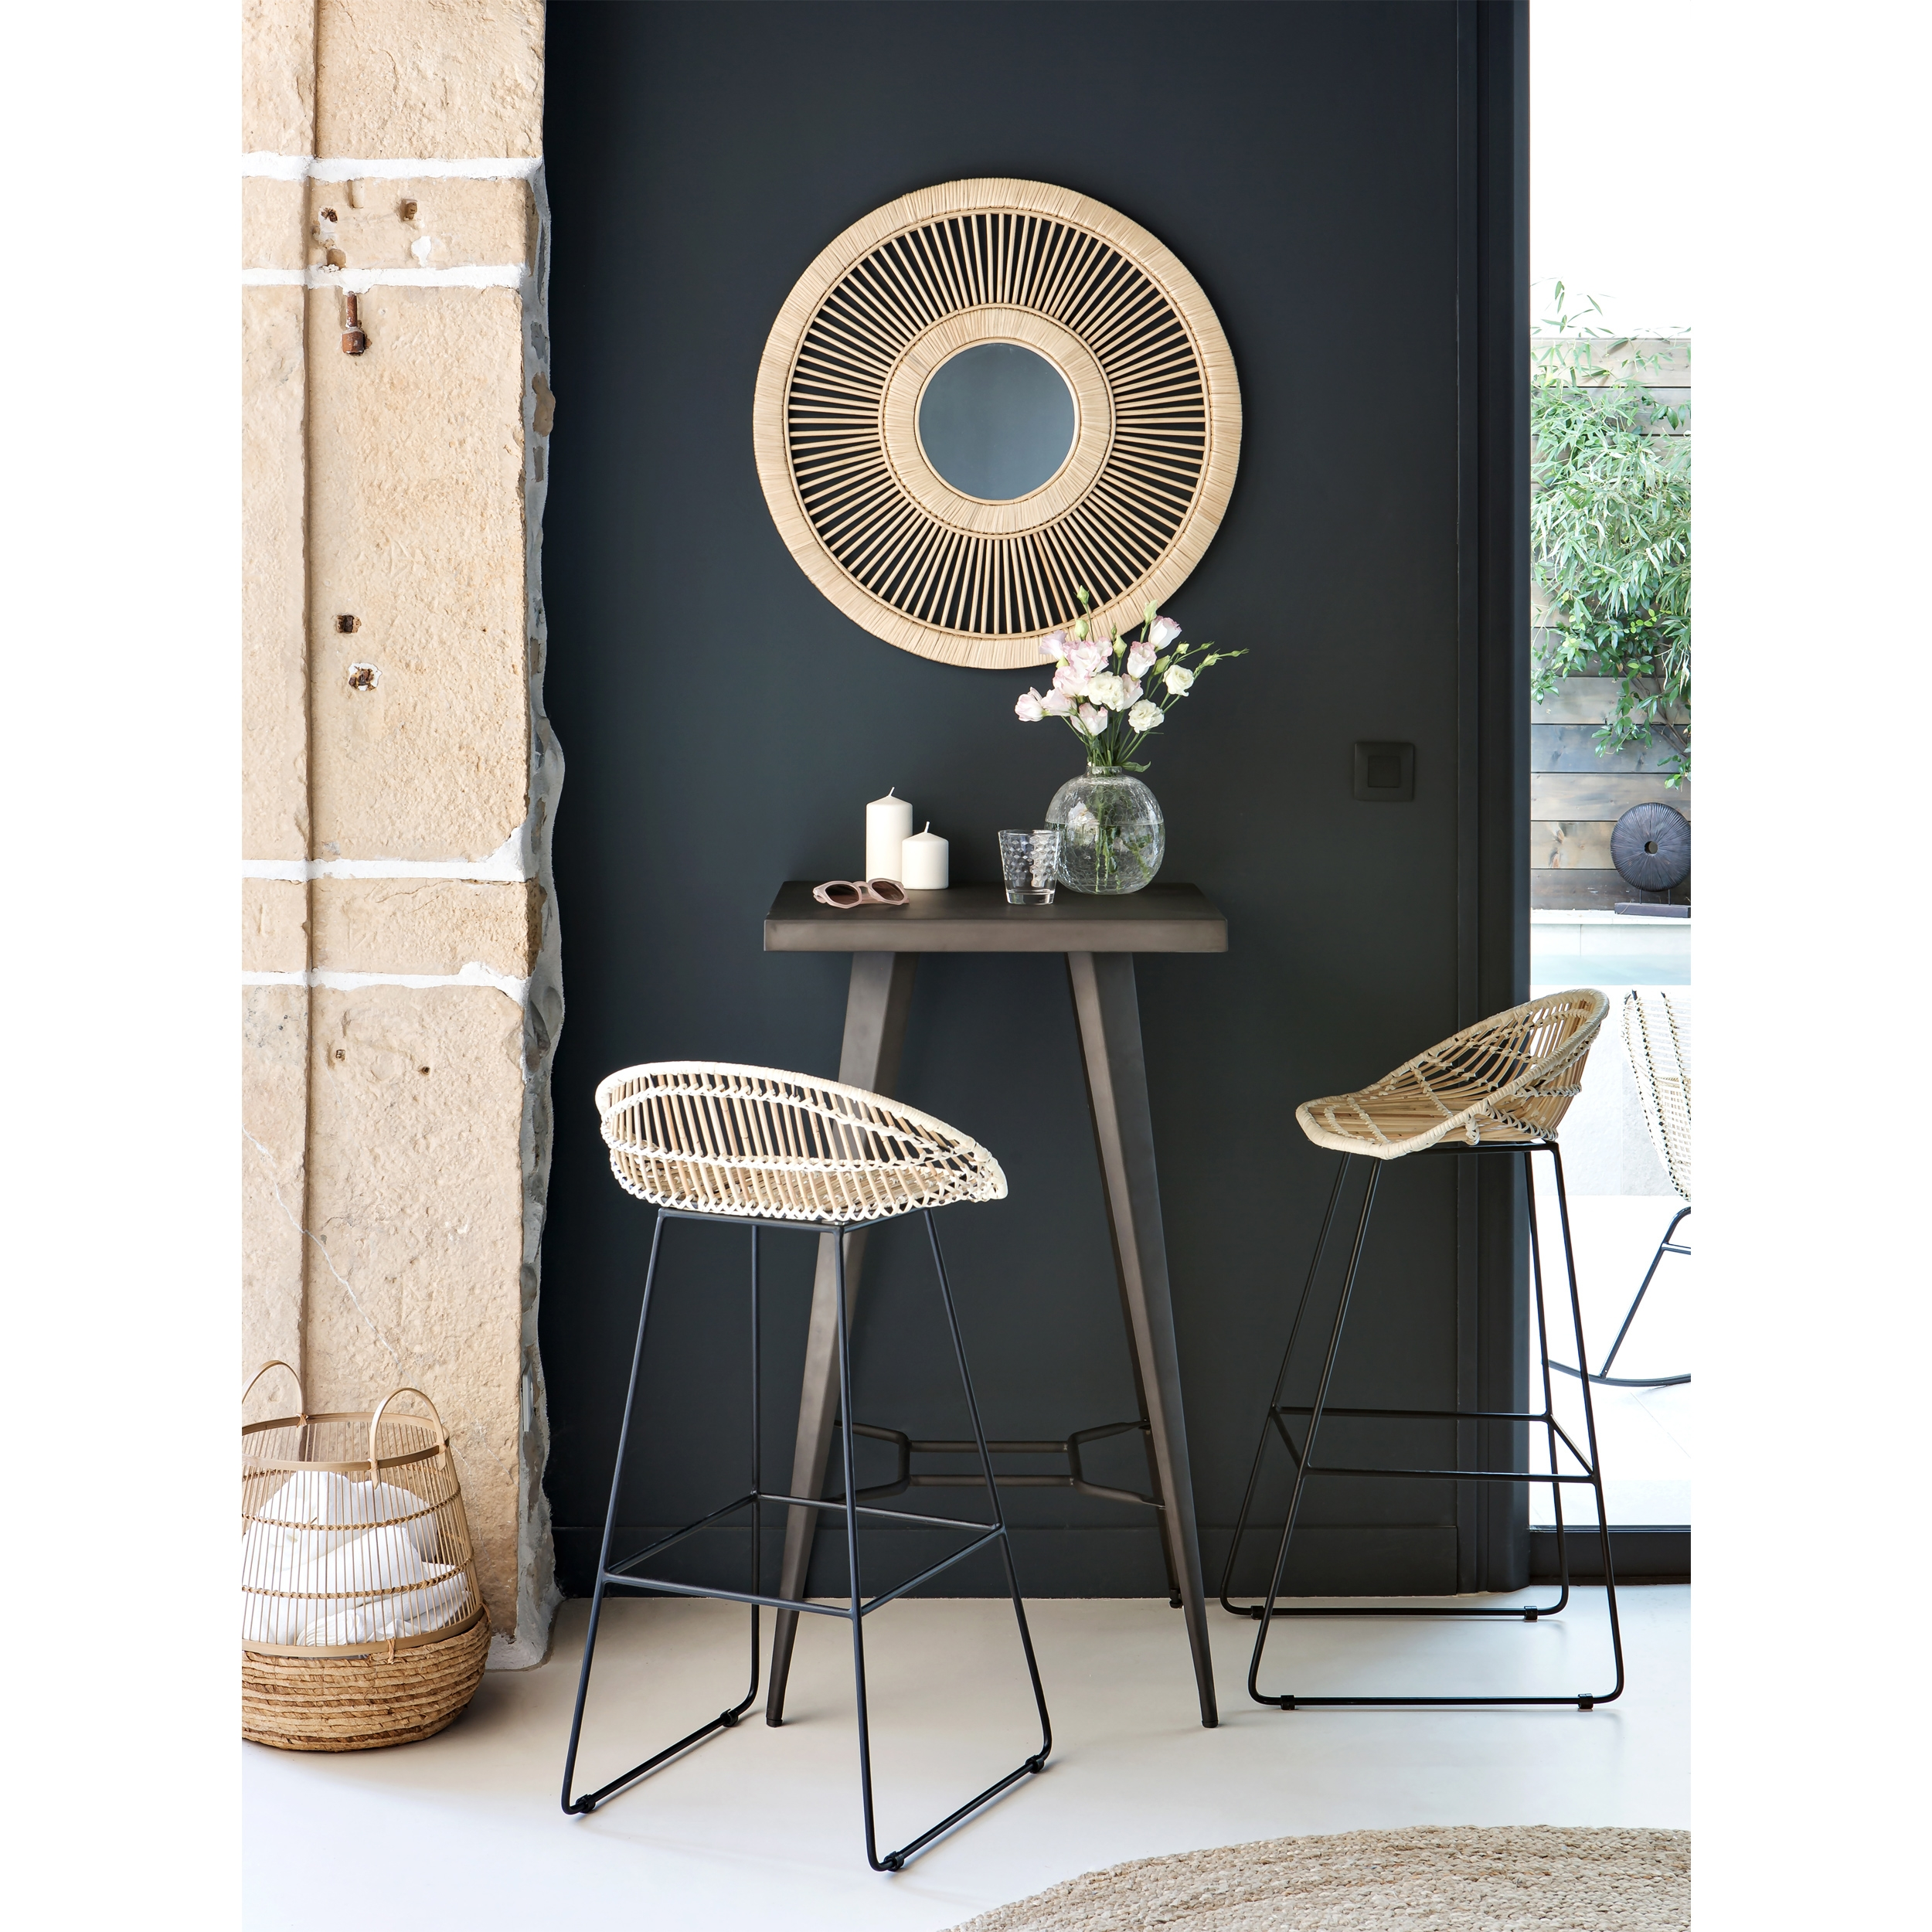 Chaise de bar 77 cm en rotin beige (lot de 2)